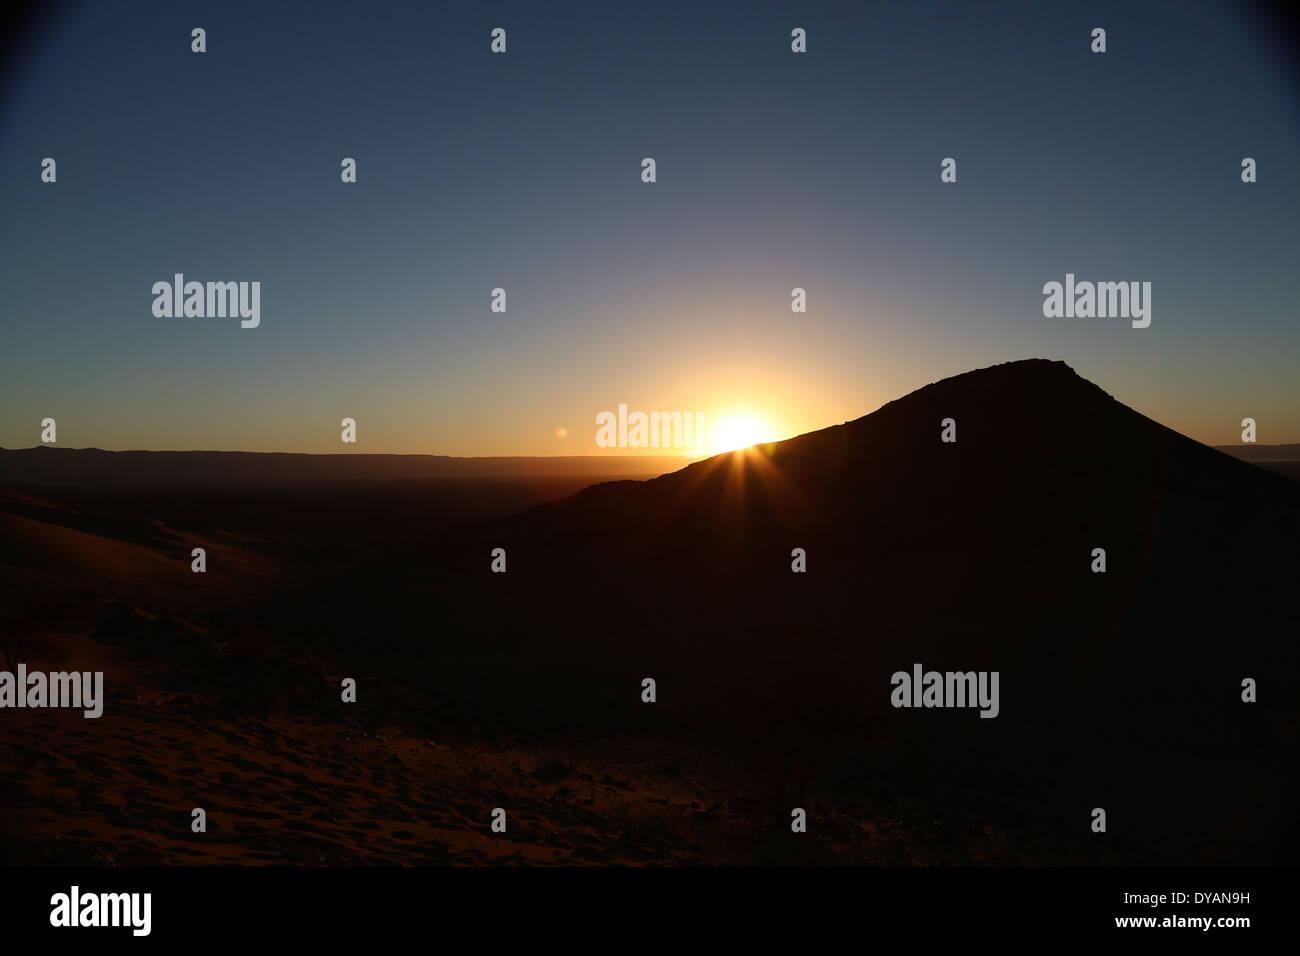 Sonnenaufgang über dem Baron Wüstenlandschaft in Marokko über die Atlas Bergketten, mit Sonnenstrahlen überlappende einer Sanddüne Stockbild